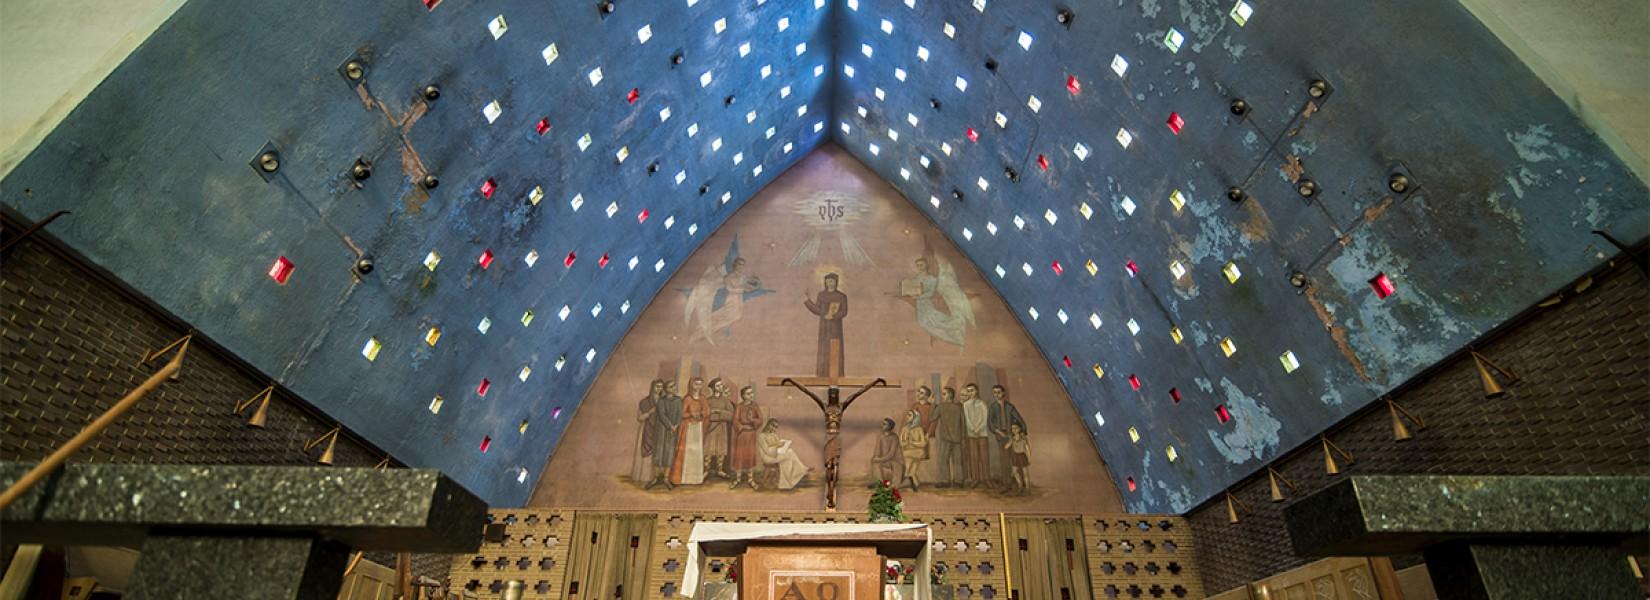 L'église aux vitraux cubiques